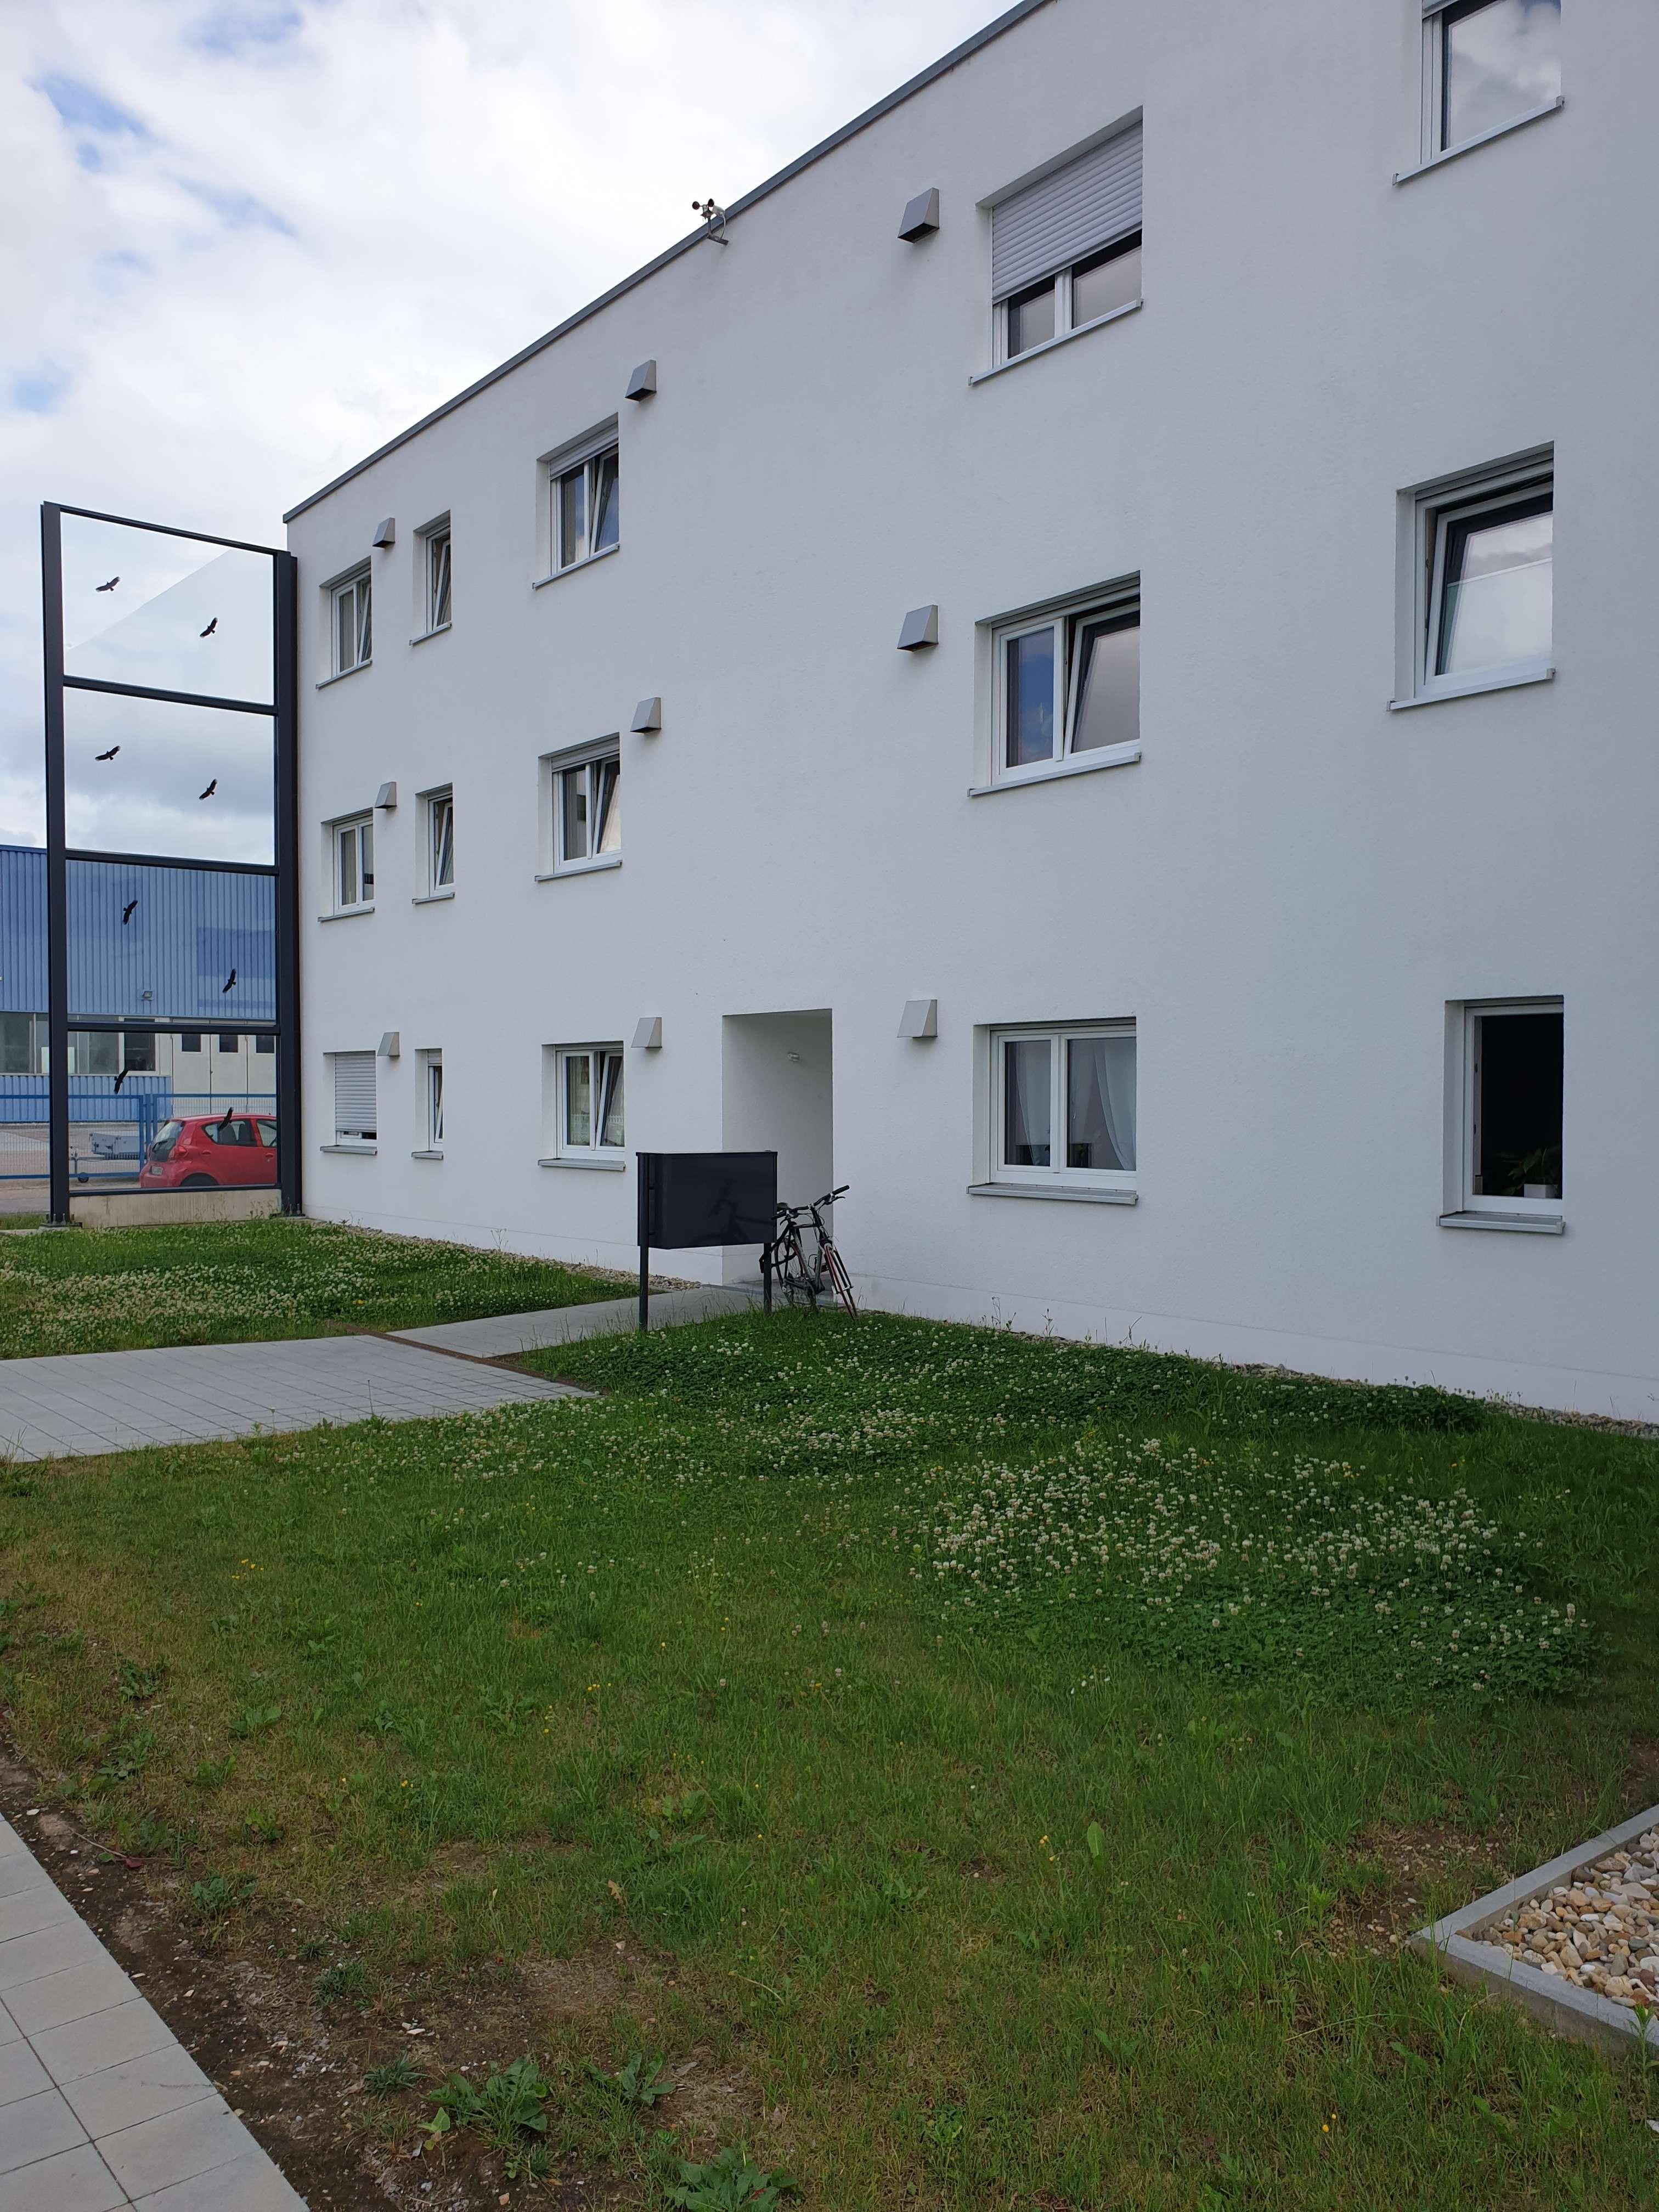 2 Zimmer Wohnung, Baujahr 2015, im Ostenviertel, Nähe Continental und Siemens